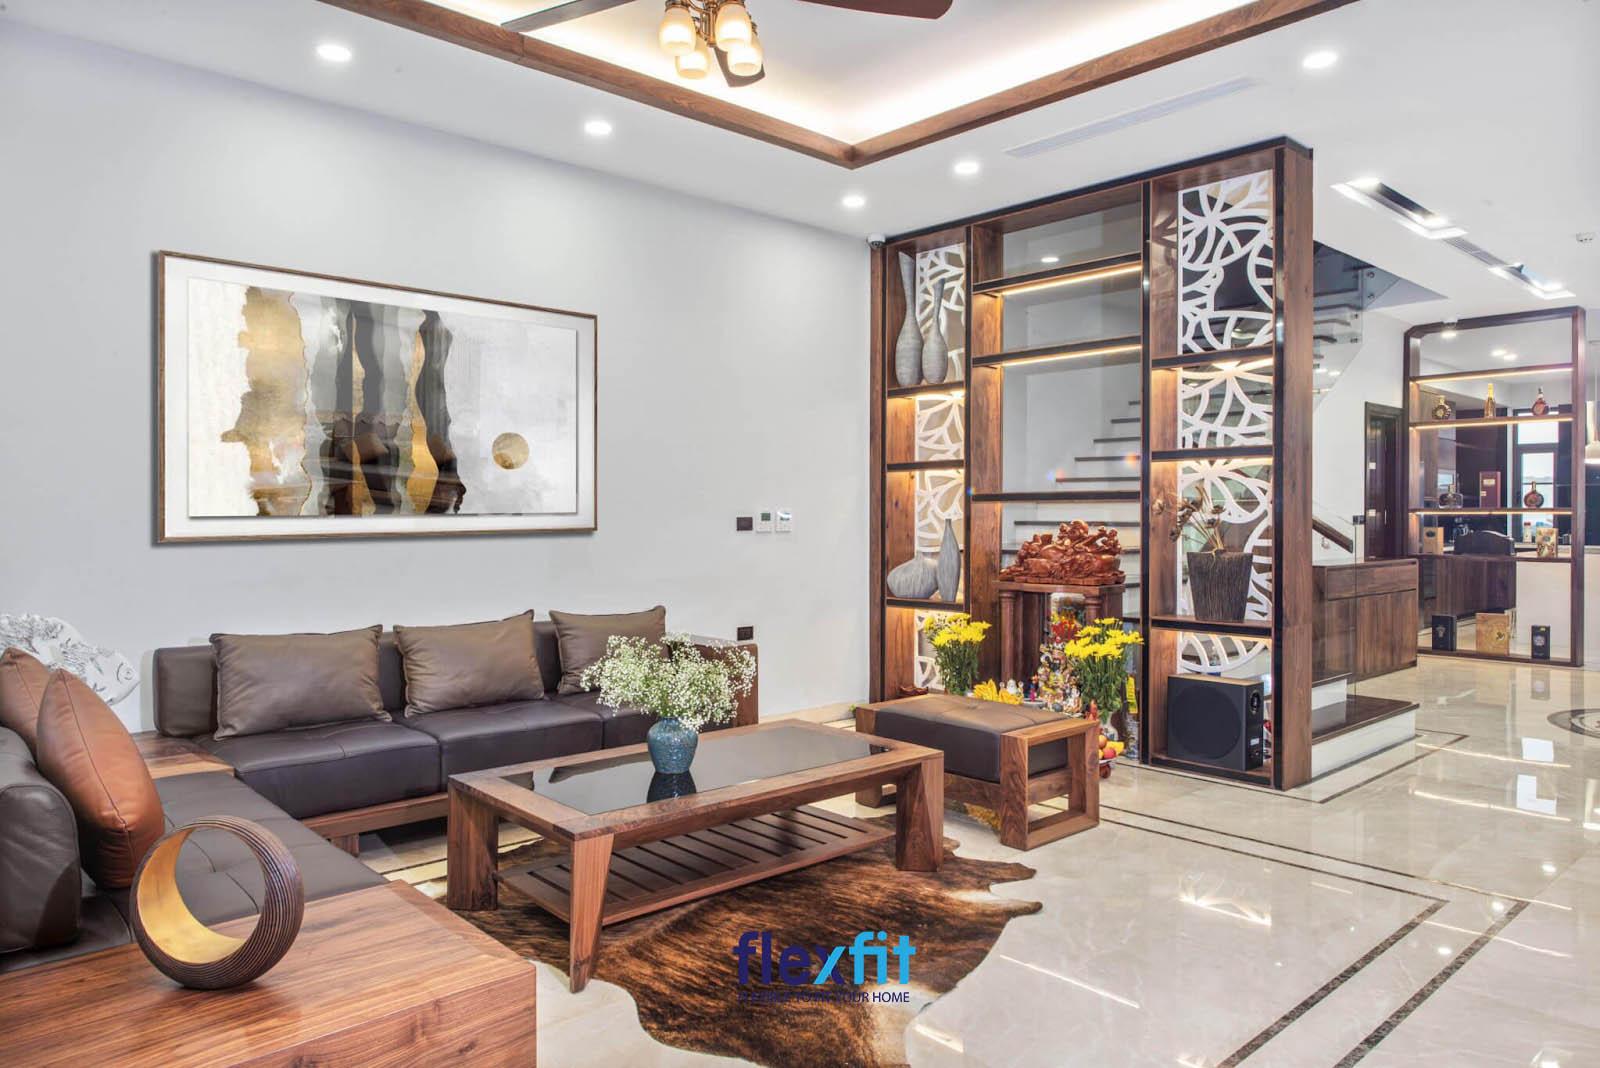 Vách ngăn trang trí mang đến vẻ đẹp hoàn hảo, giàu tính thẩm mỹ cho phòng khách